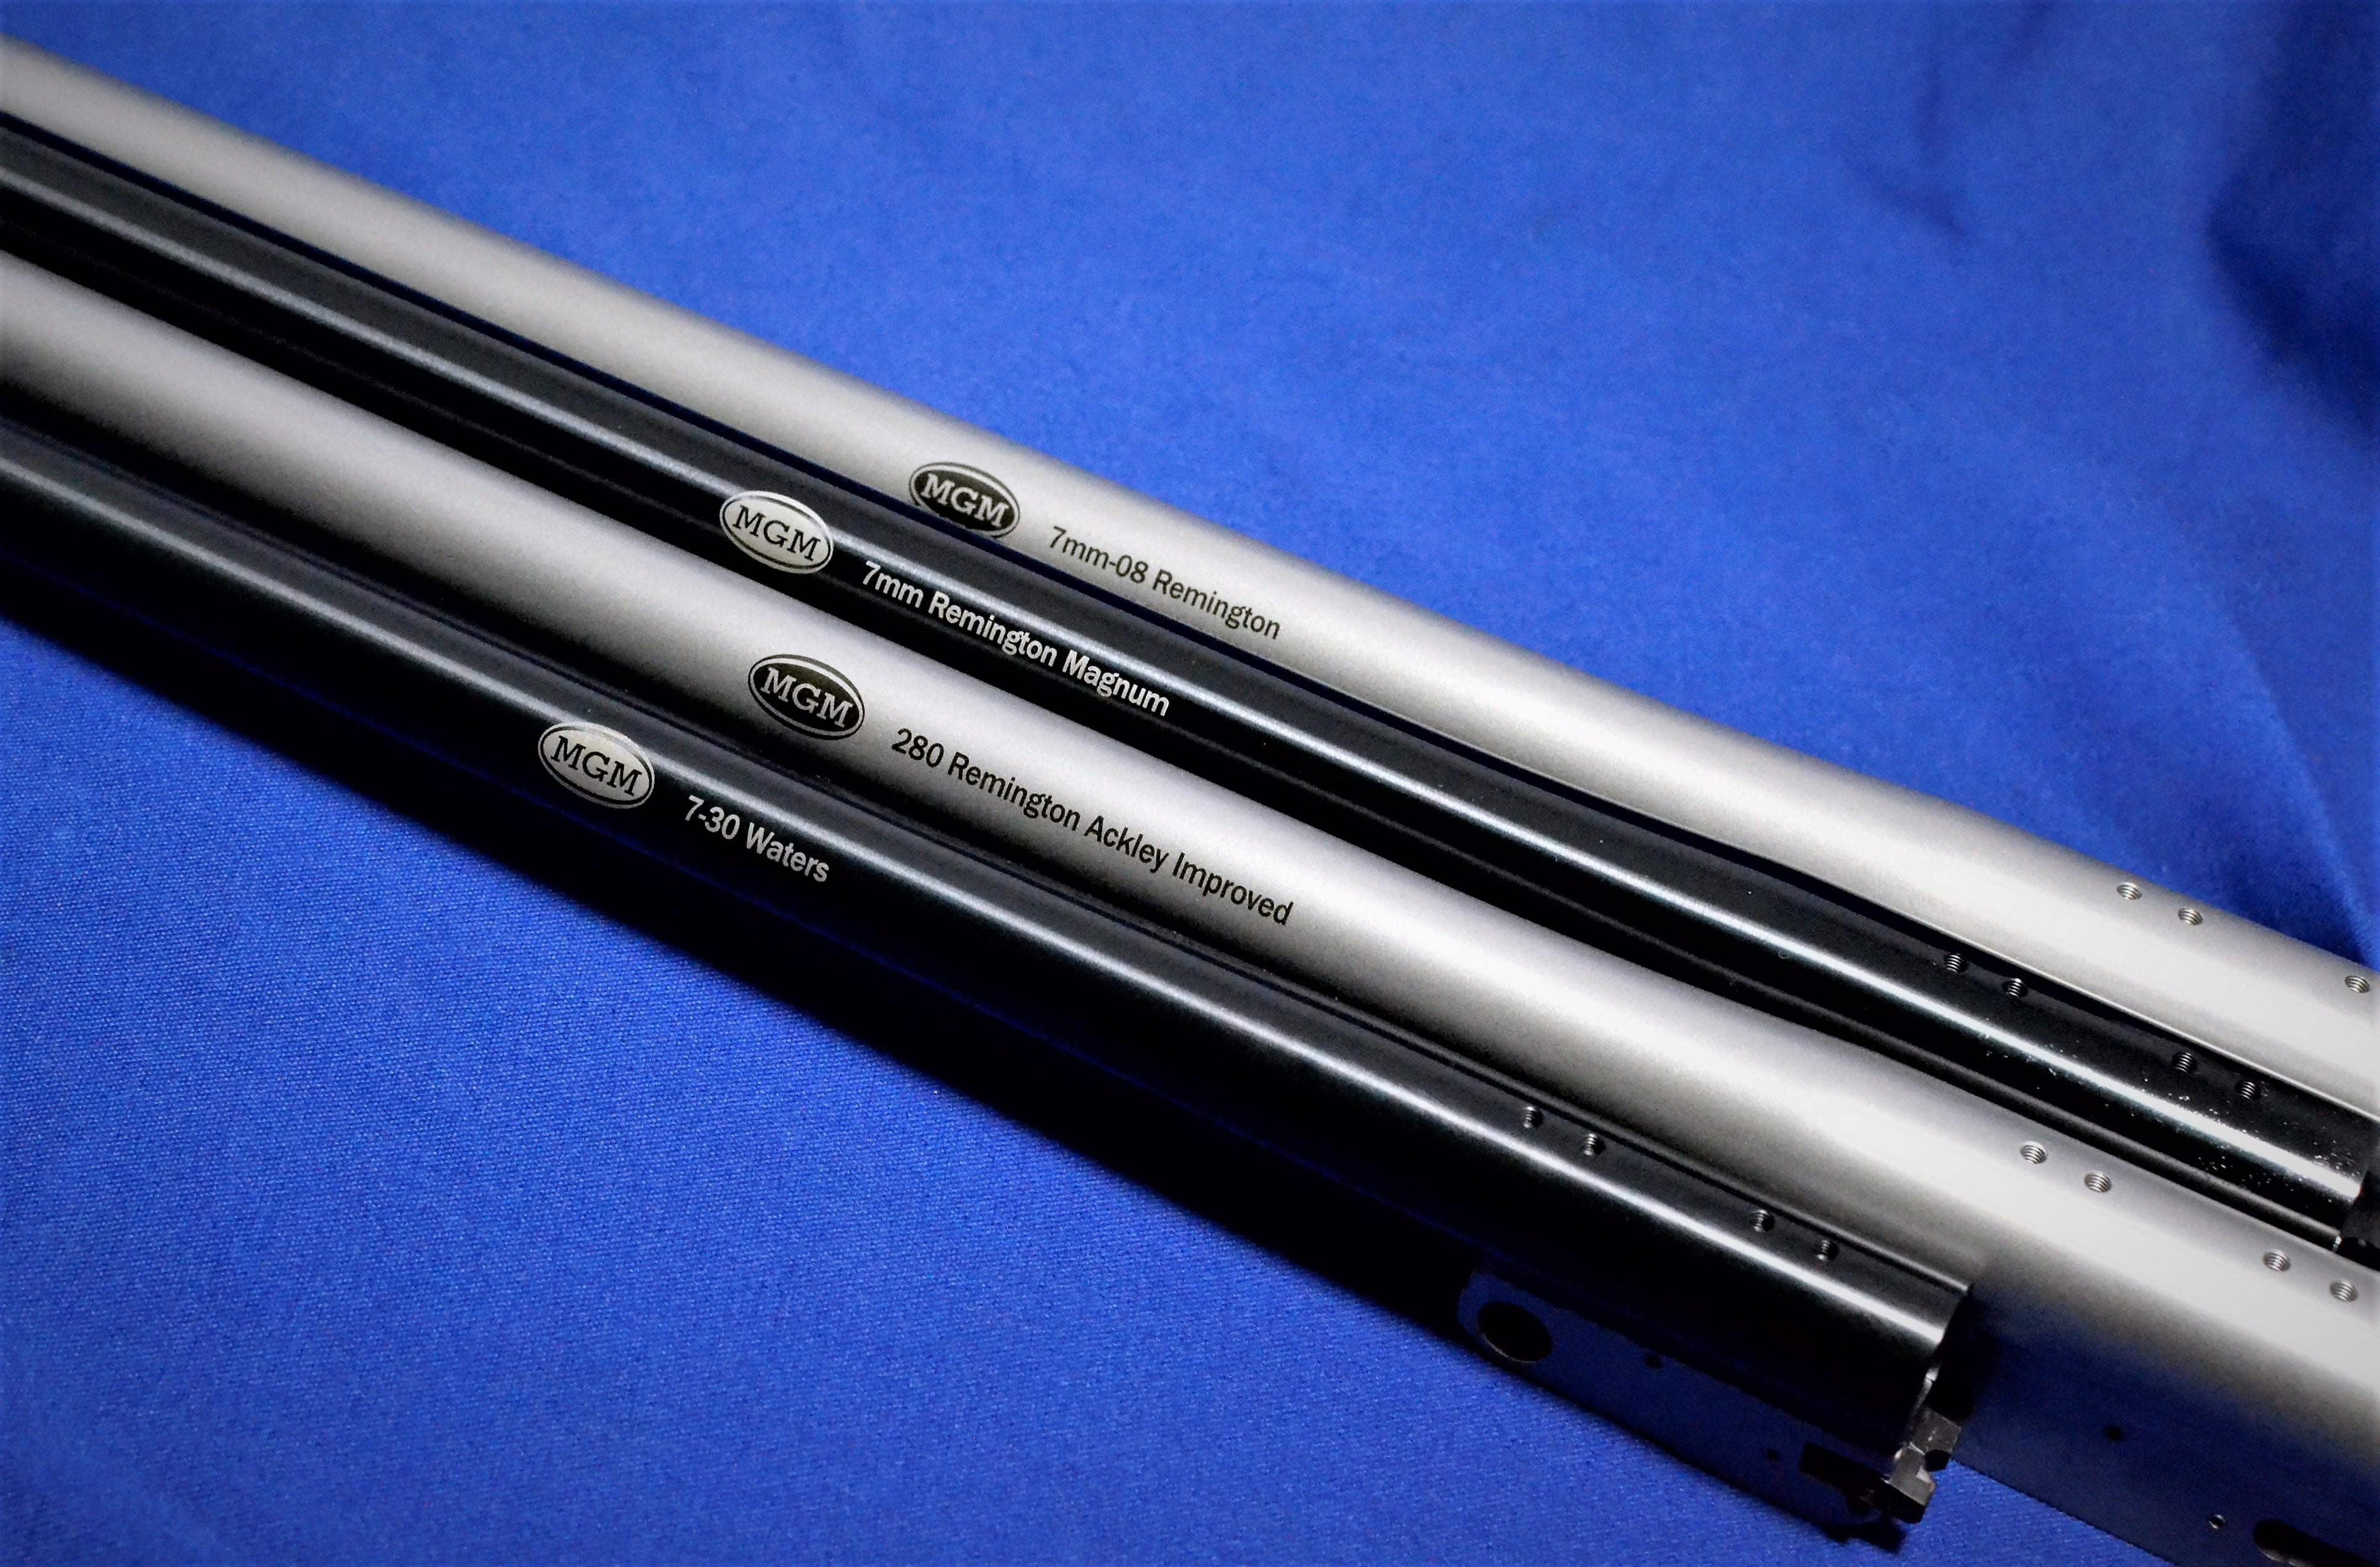 284 Caliber (7mm)